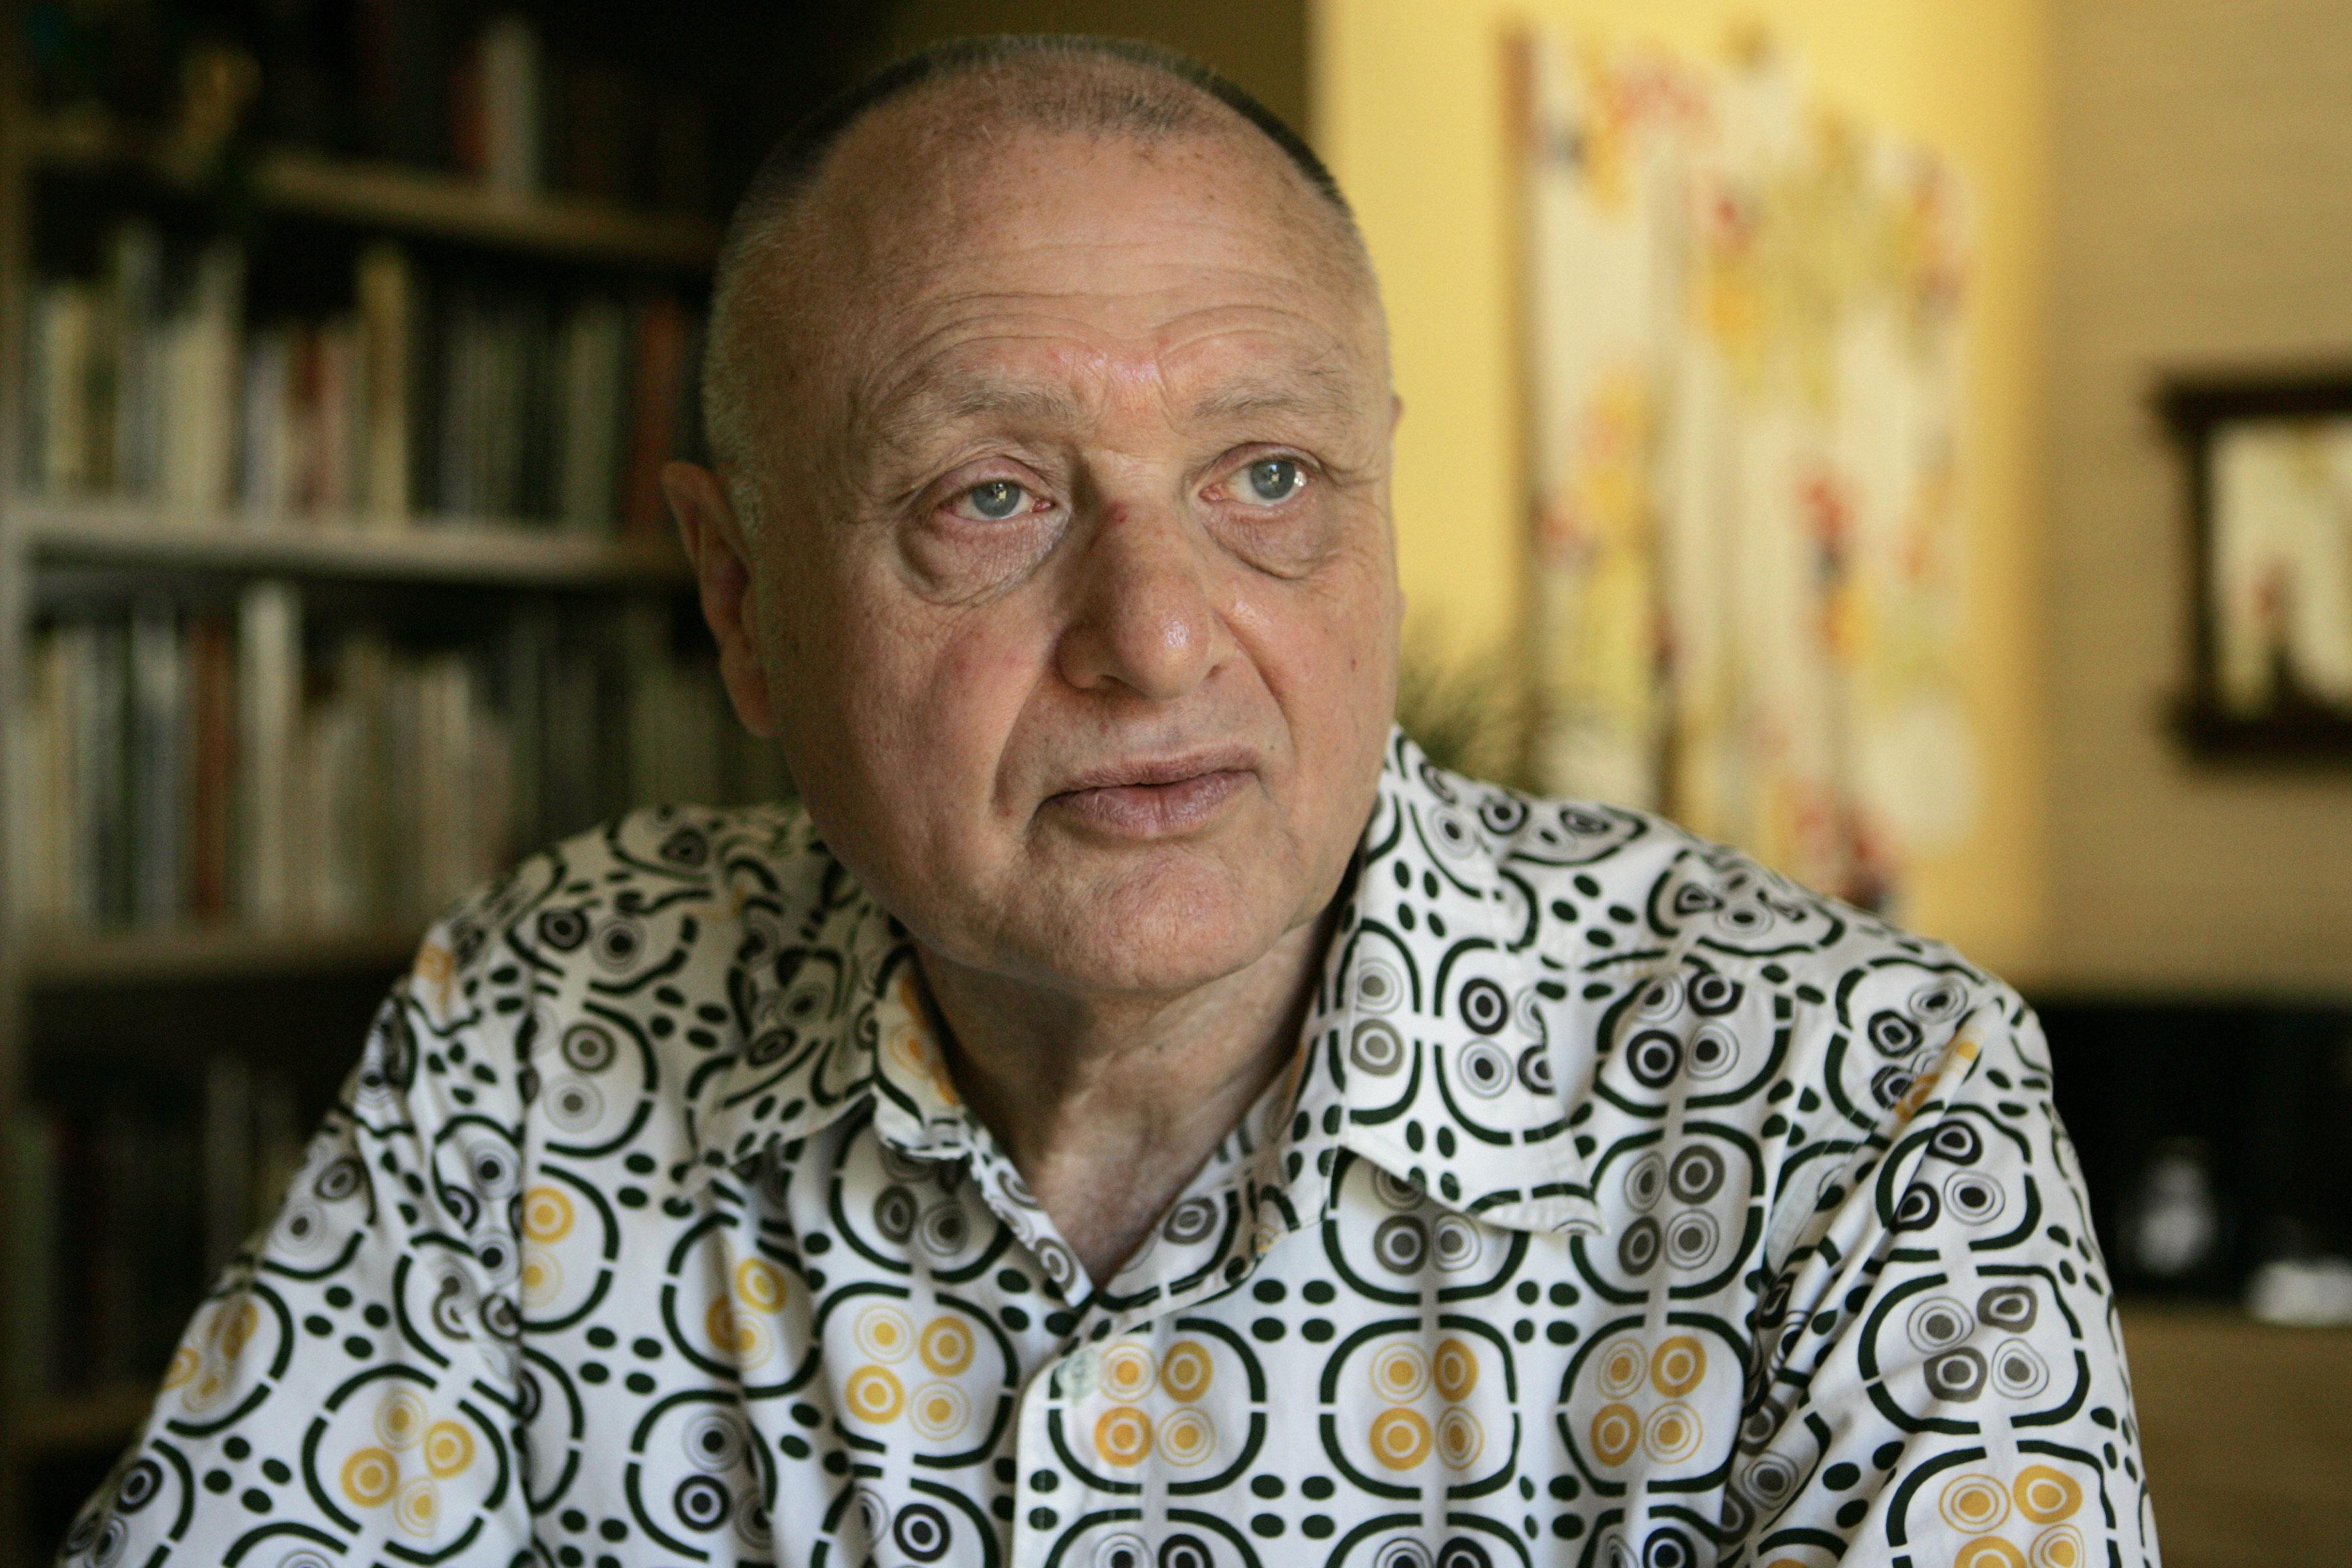 Dr. Jay Chapman at his home on May 8, 2007, in Napa, Calif.